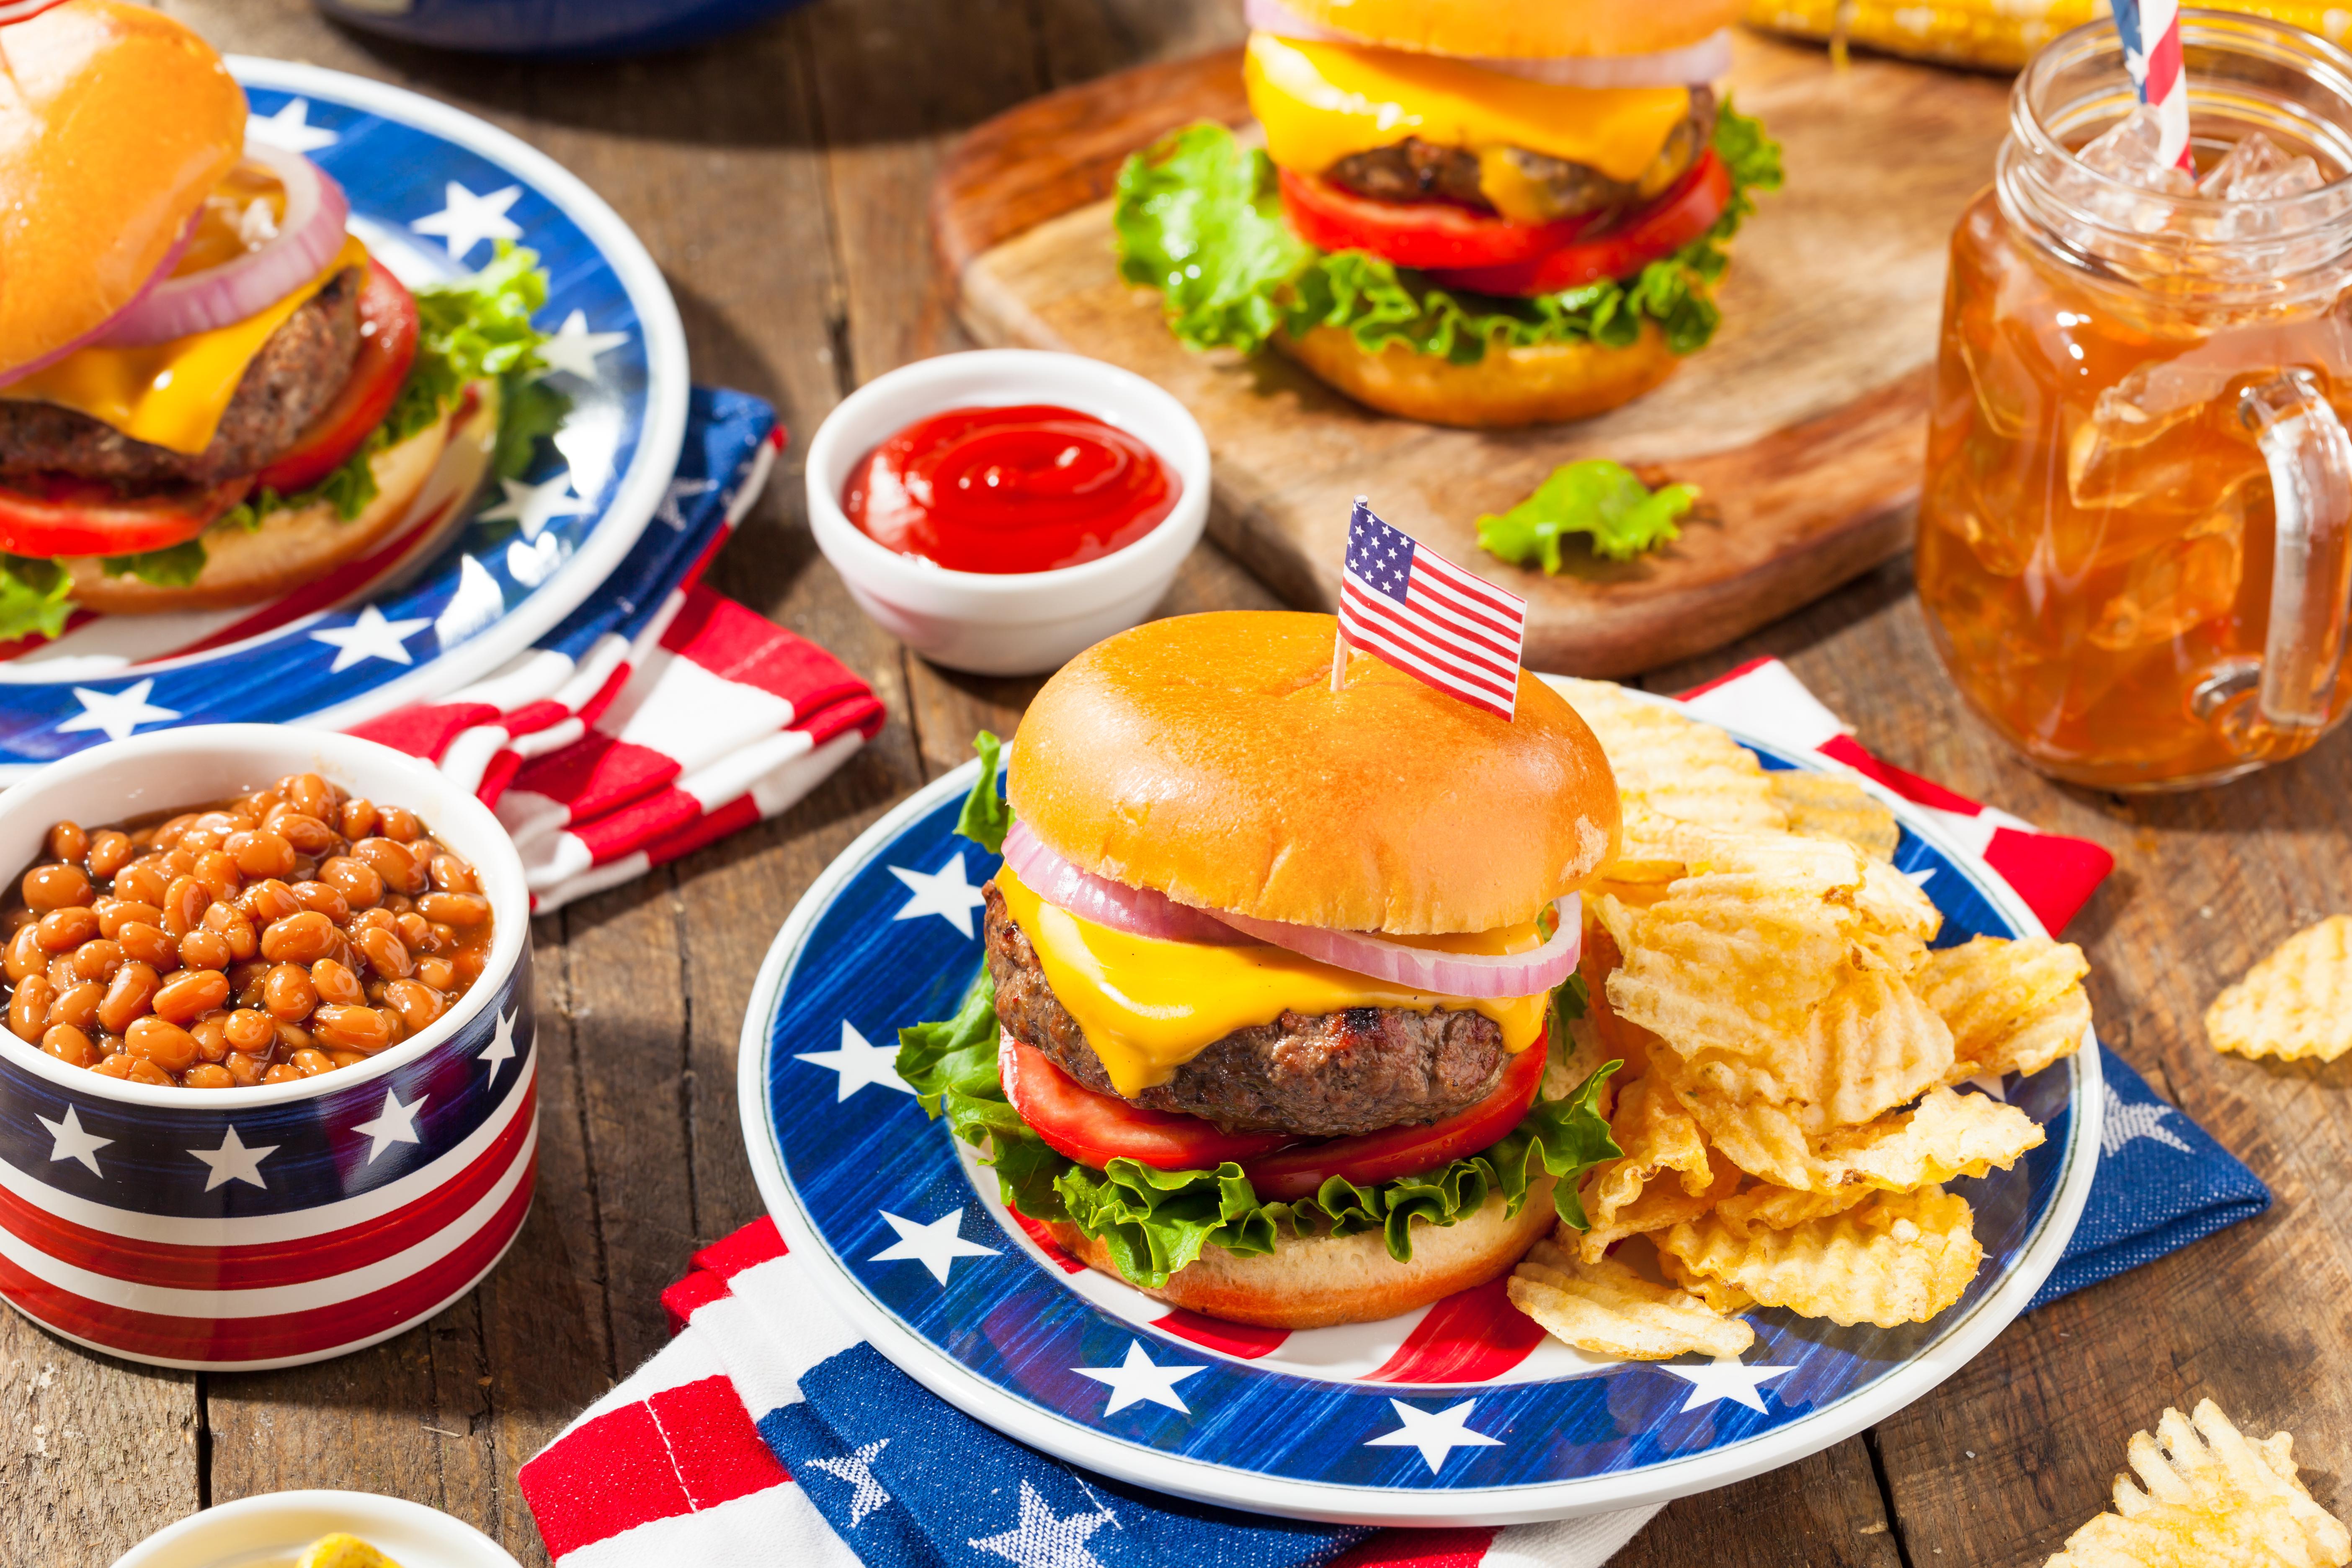 """10.САЩ<br /> <br /> Американската кухня е популярна, защото в себе си съчетава най-доброто от страните, наложили се като кулинарни гурута. Класическият американски чийзбургер и курабийки с шоколадови парченца са се превърнали в символ на американската култура. Минусът е за опакованите храни и полуфабрикатите, както и наложената традиция на така наречената """"бърза храна""""."""